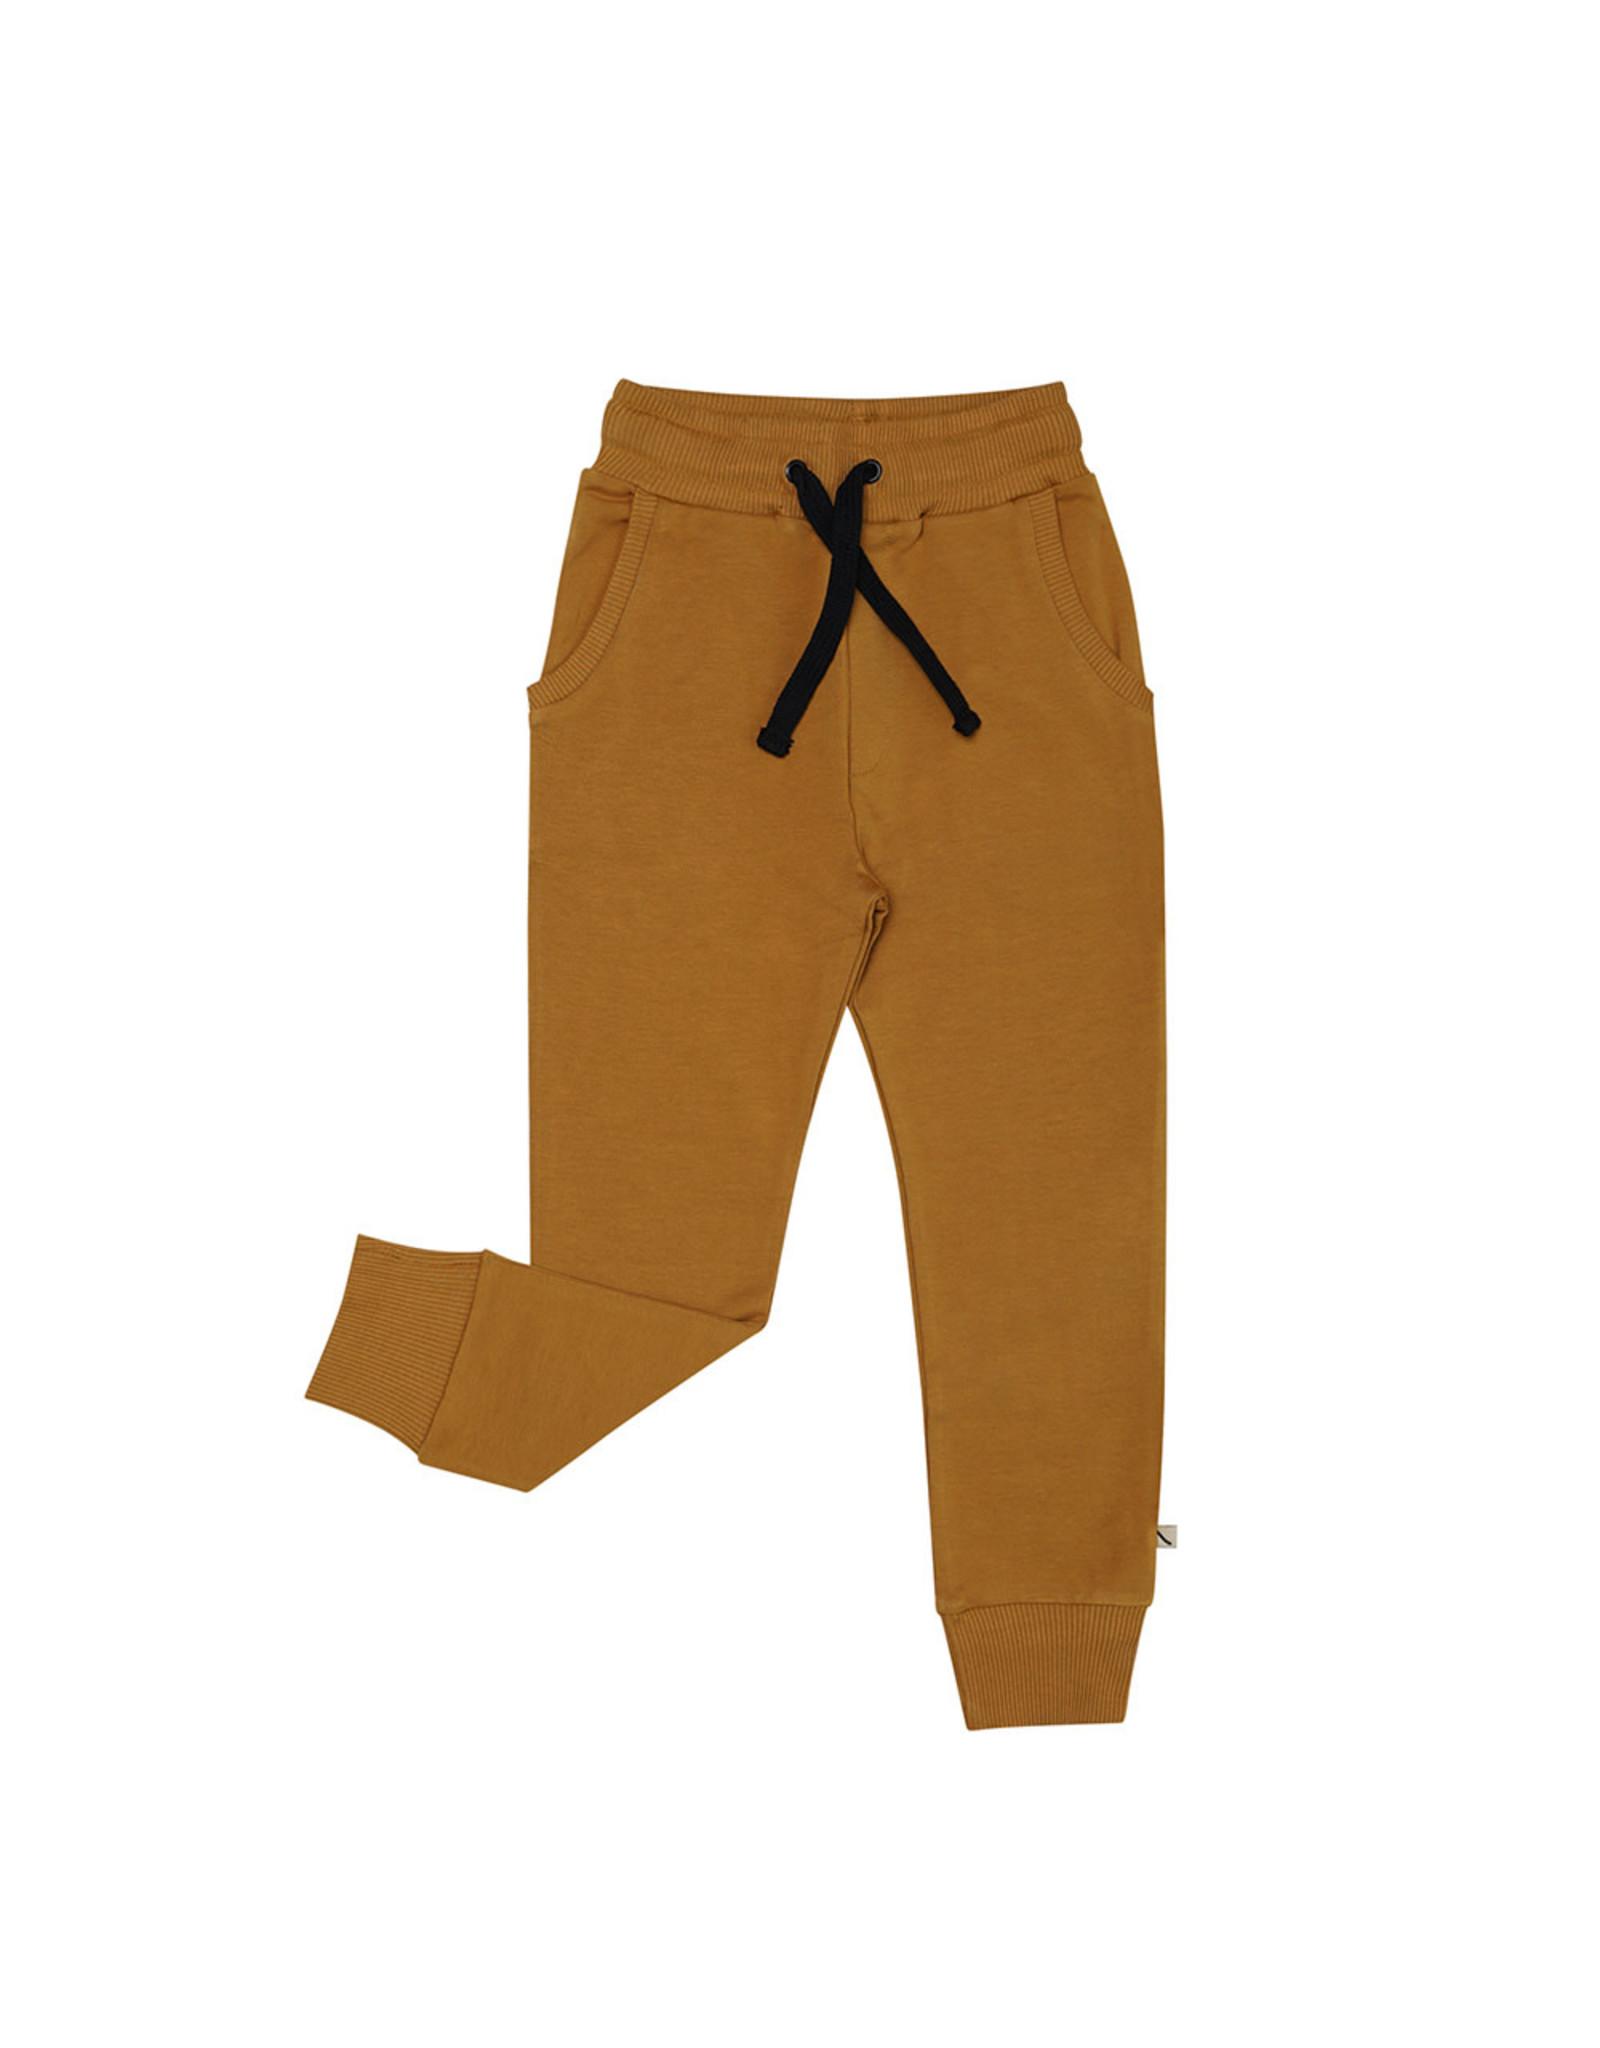 Carlijn Q Carlijn Q Basics Chipmunk - Sweatpants, Unisex